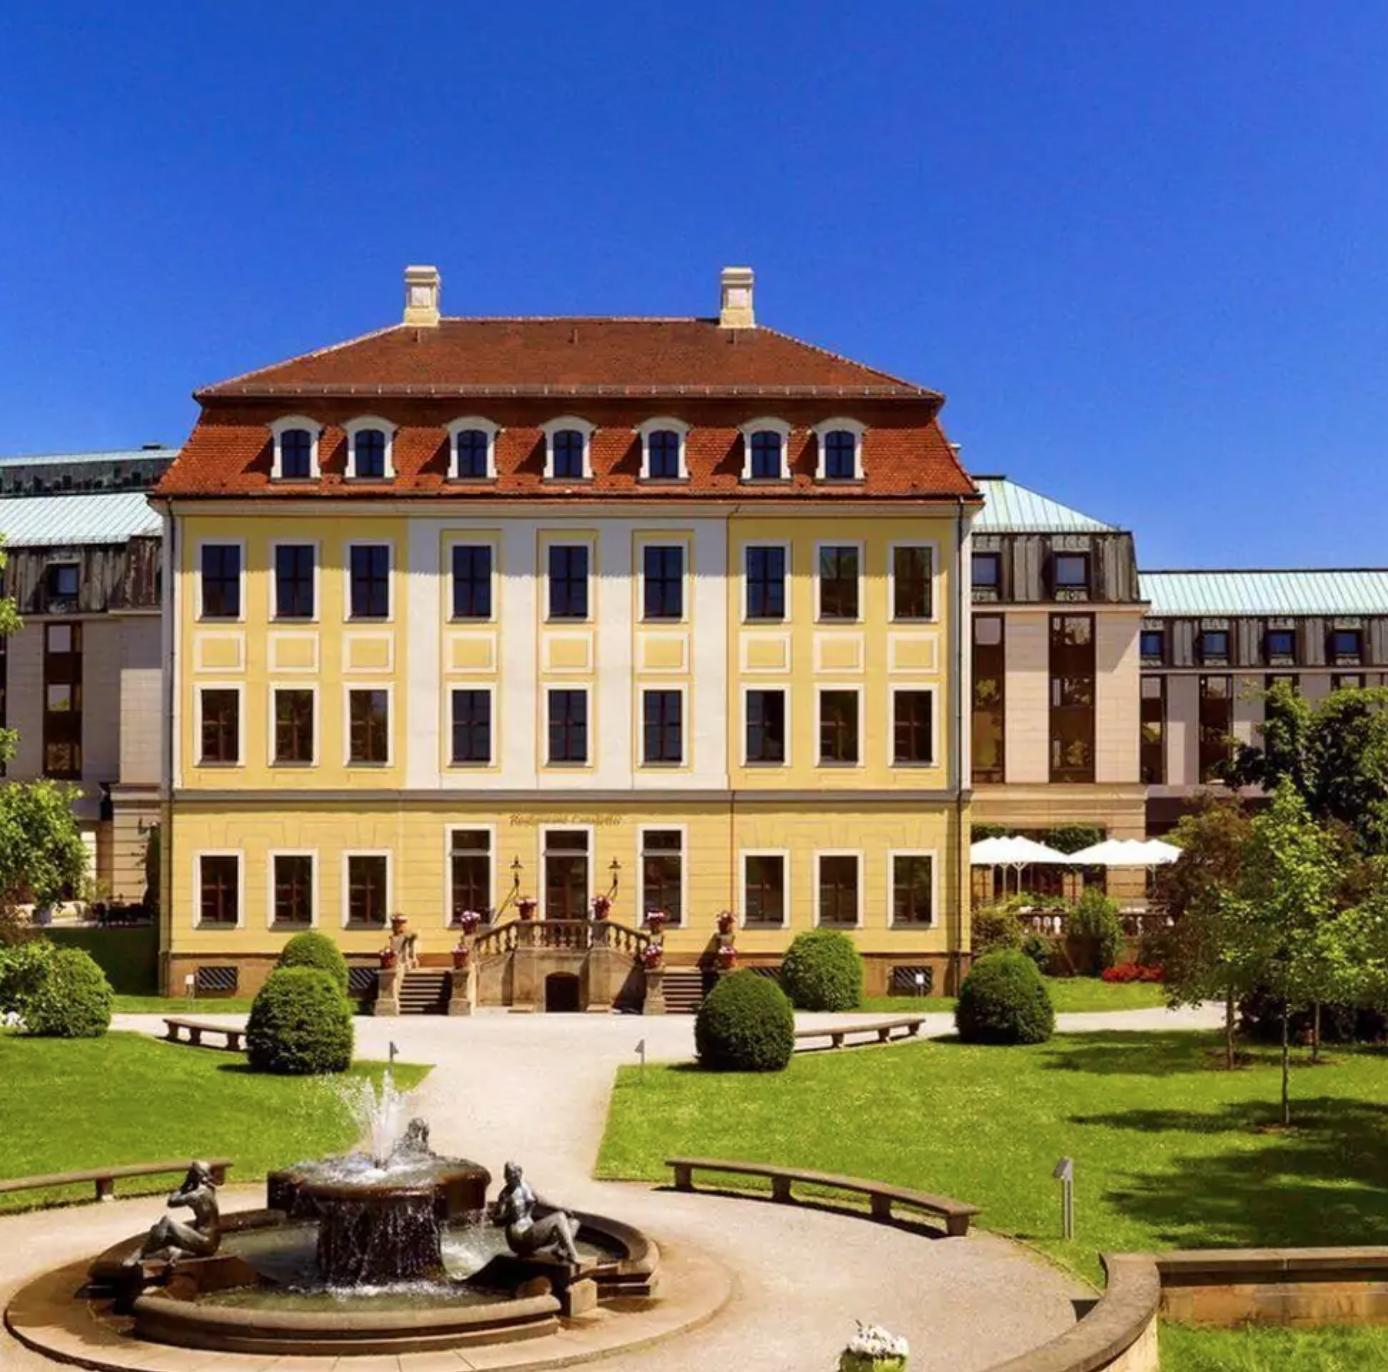 Dresden: 4*Bilderberg Bellevue Hotel - 2 Personen - Doppelzimmer inkl. Frühstück & Superior-Upgrade / Gratis Storno / bis 31. März 2021